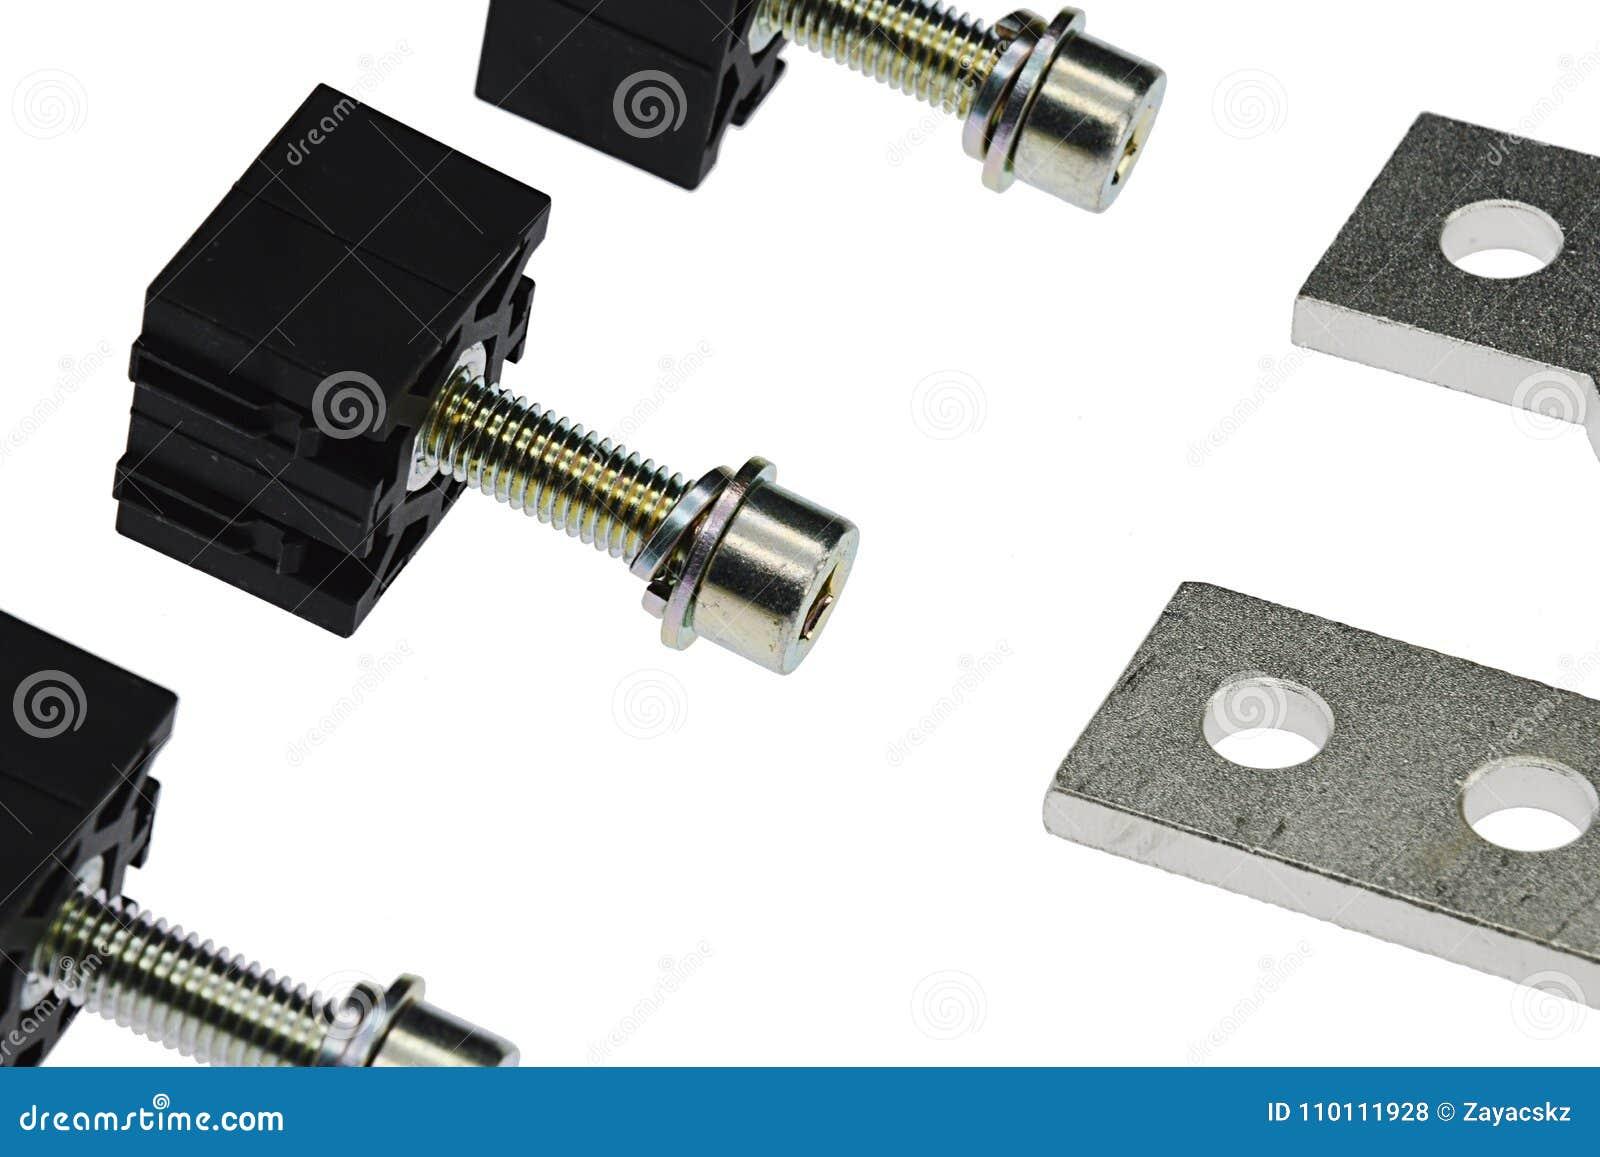 Λεπτομέρεια της γραμμής ηλεκτρικών σφιγκτηρών πιάτων χάλυβα με τις βίδες Άλλεν και τις σέλες PVC, άσπρο υπόβαθρο